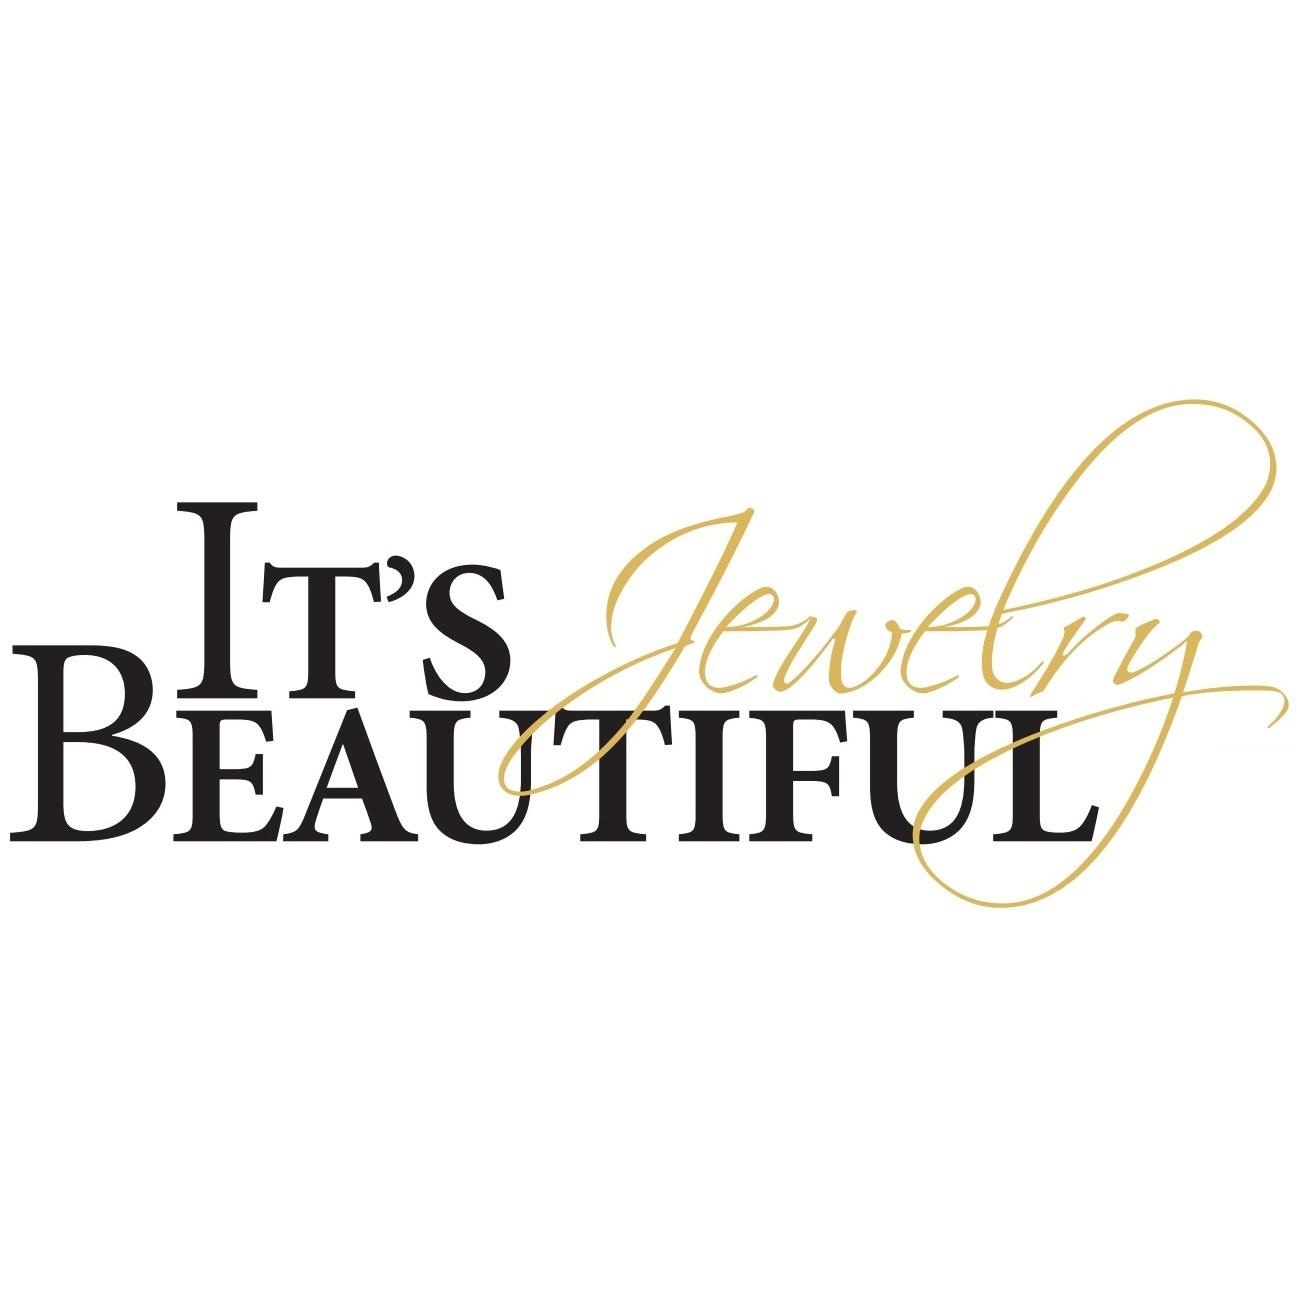 Juwelier It's Beautiful